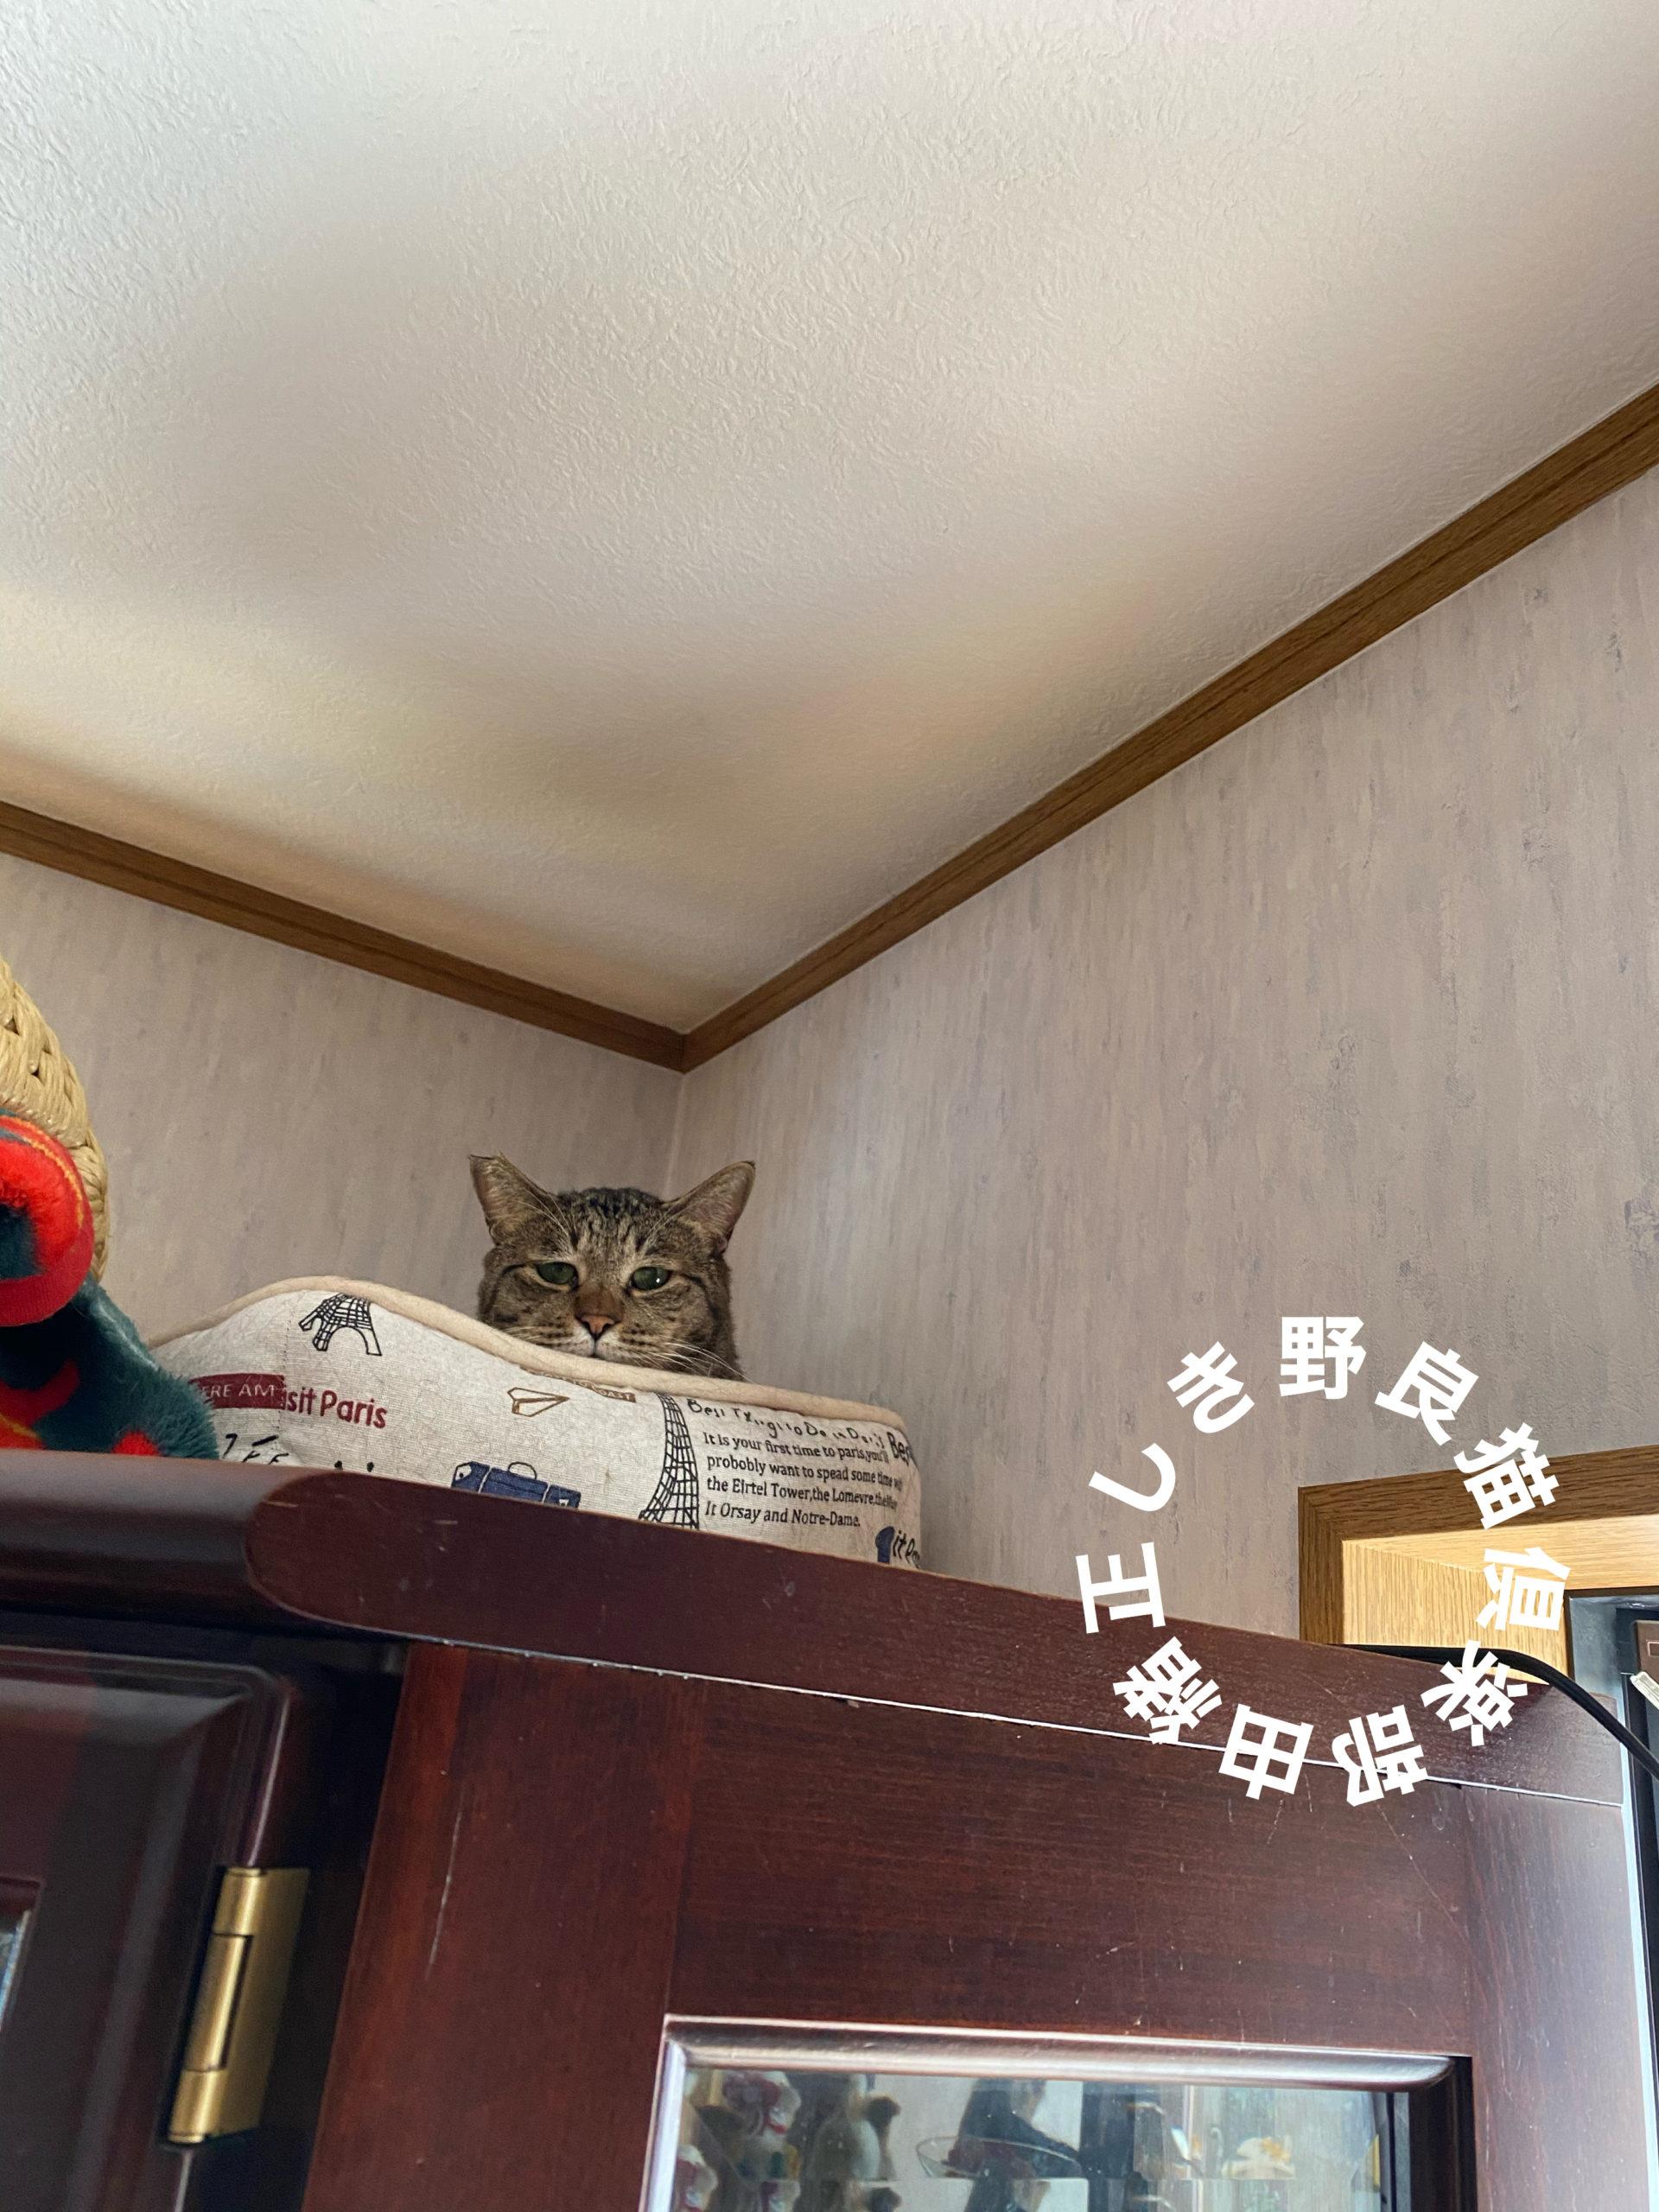 猫が高い所から見下ろしている